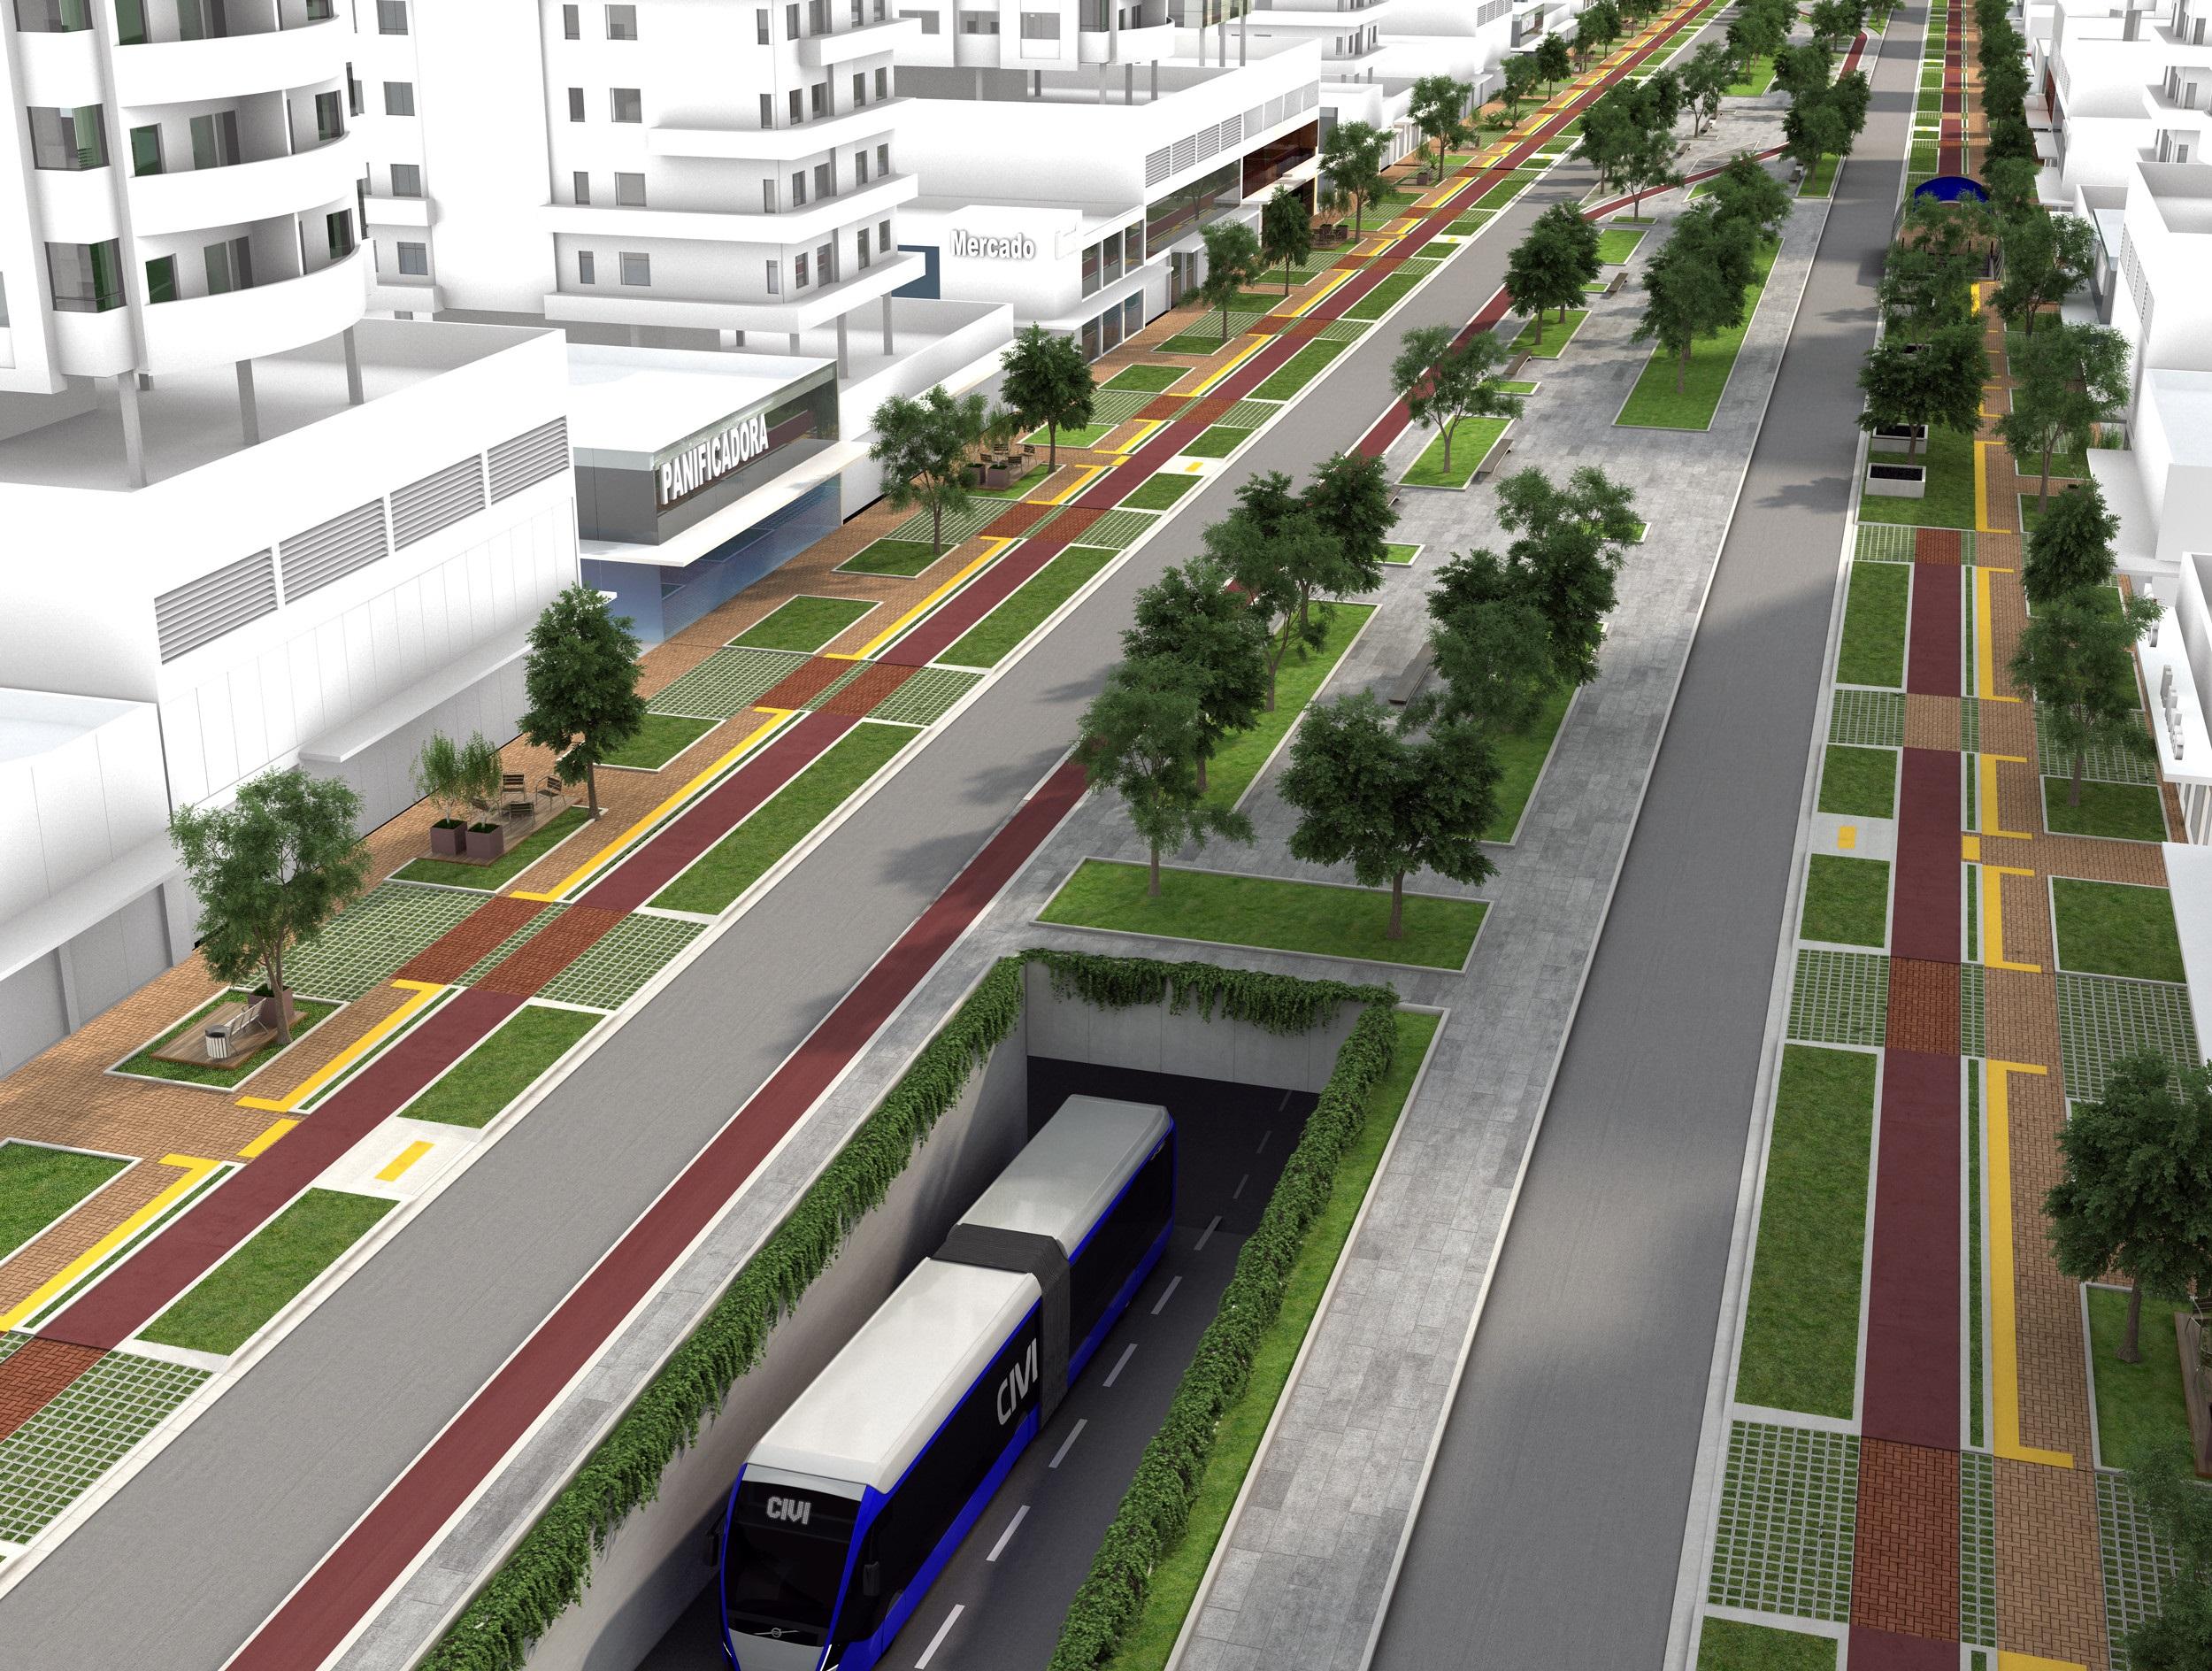 Sobre túneis e estações, uma alternativa é construir áreas de pedestres e jardins